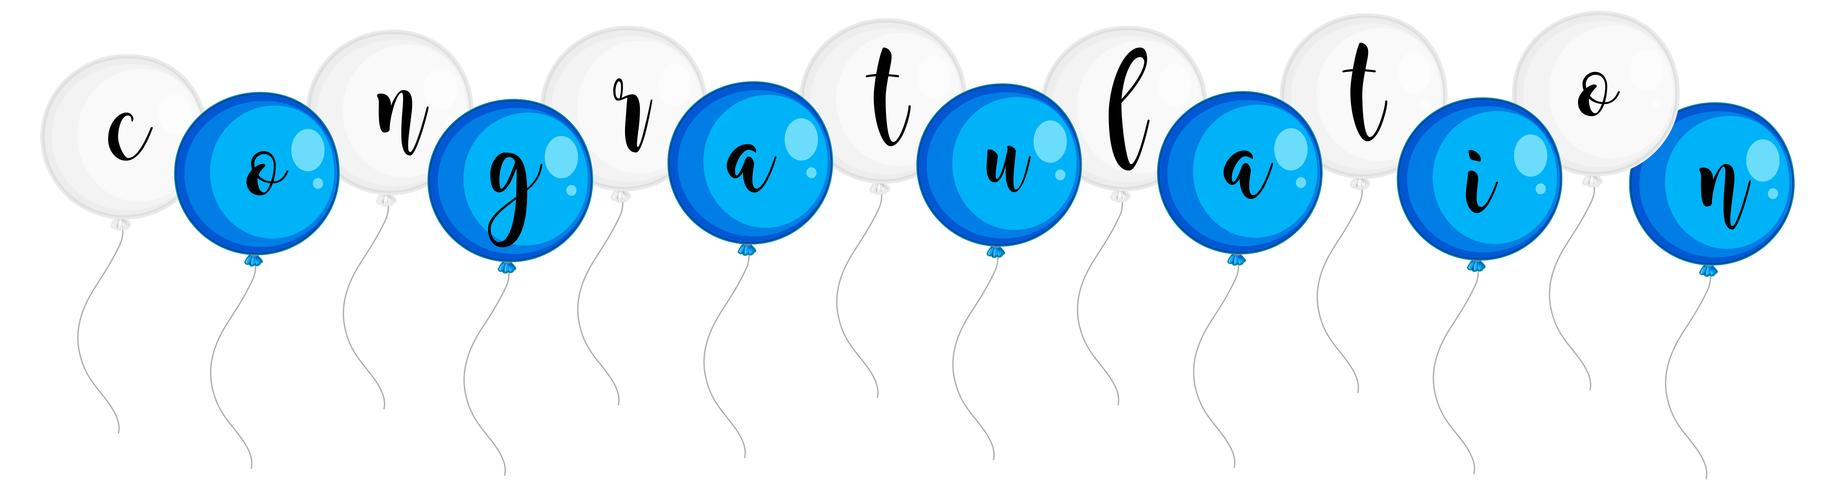 Mot de félicitation pour les ballons bleus et blancs